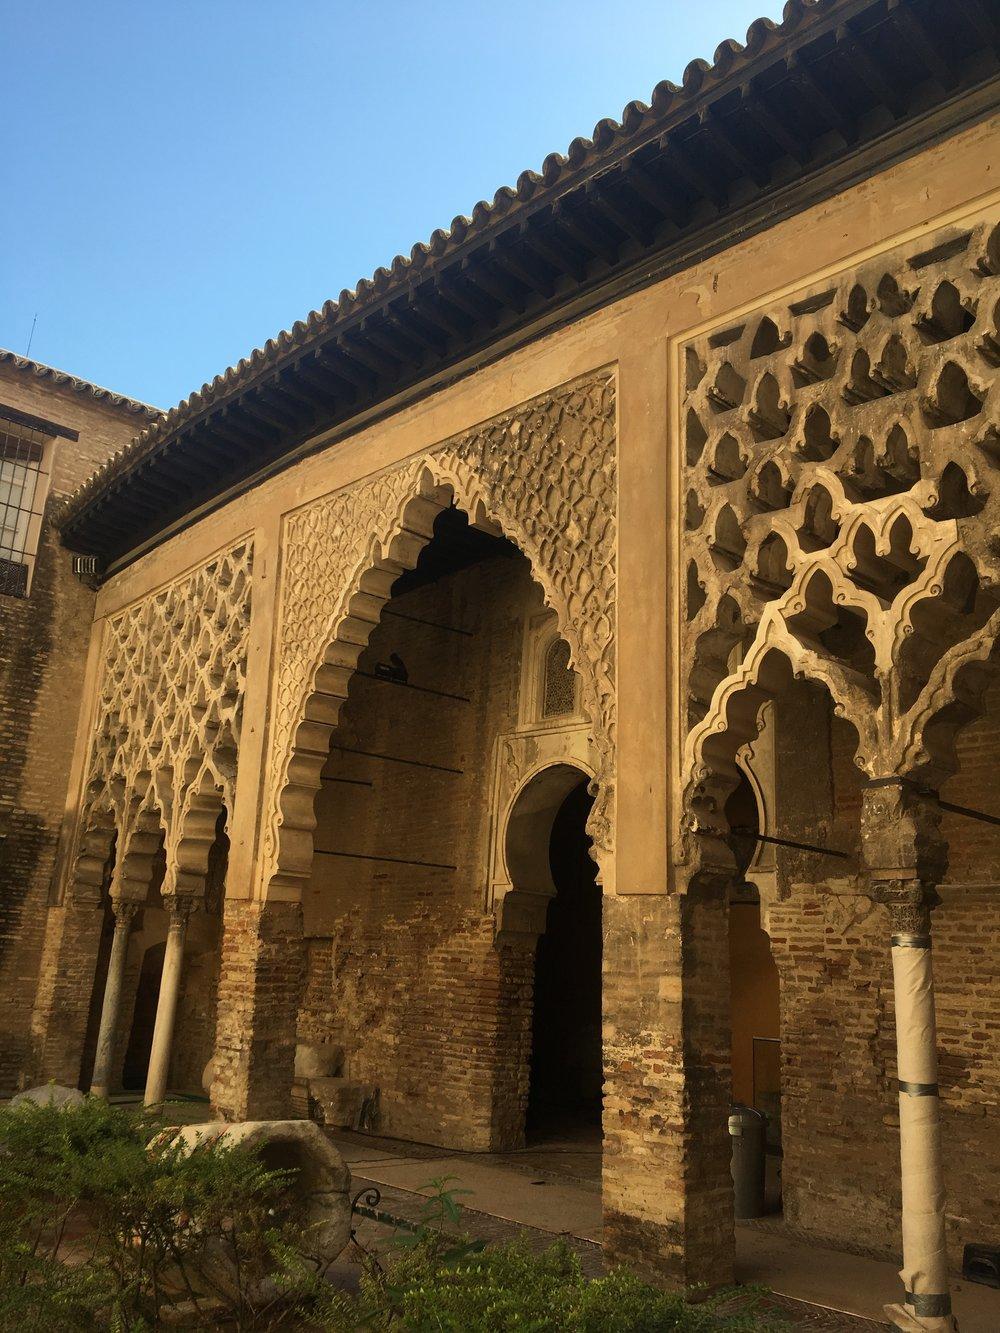 Alcazar-Sevilla-Spain